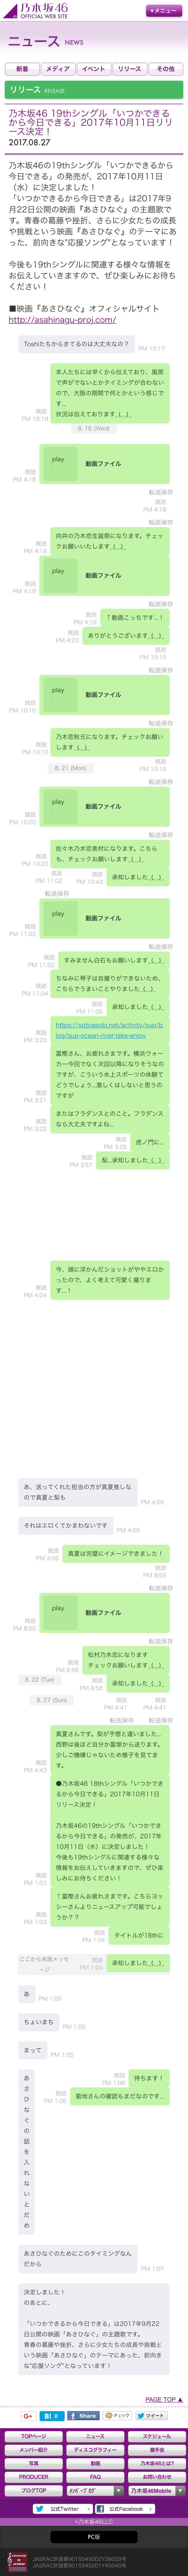 乃木坂46運営のLINEの内容が流出wwwwwwwwwwwwwww